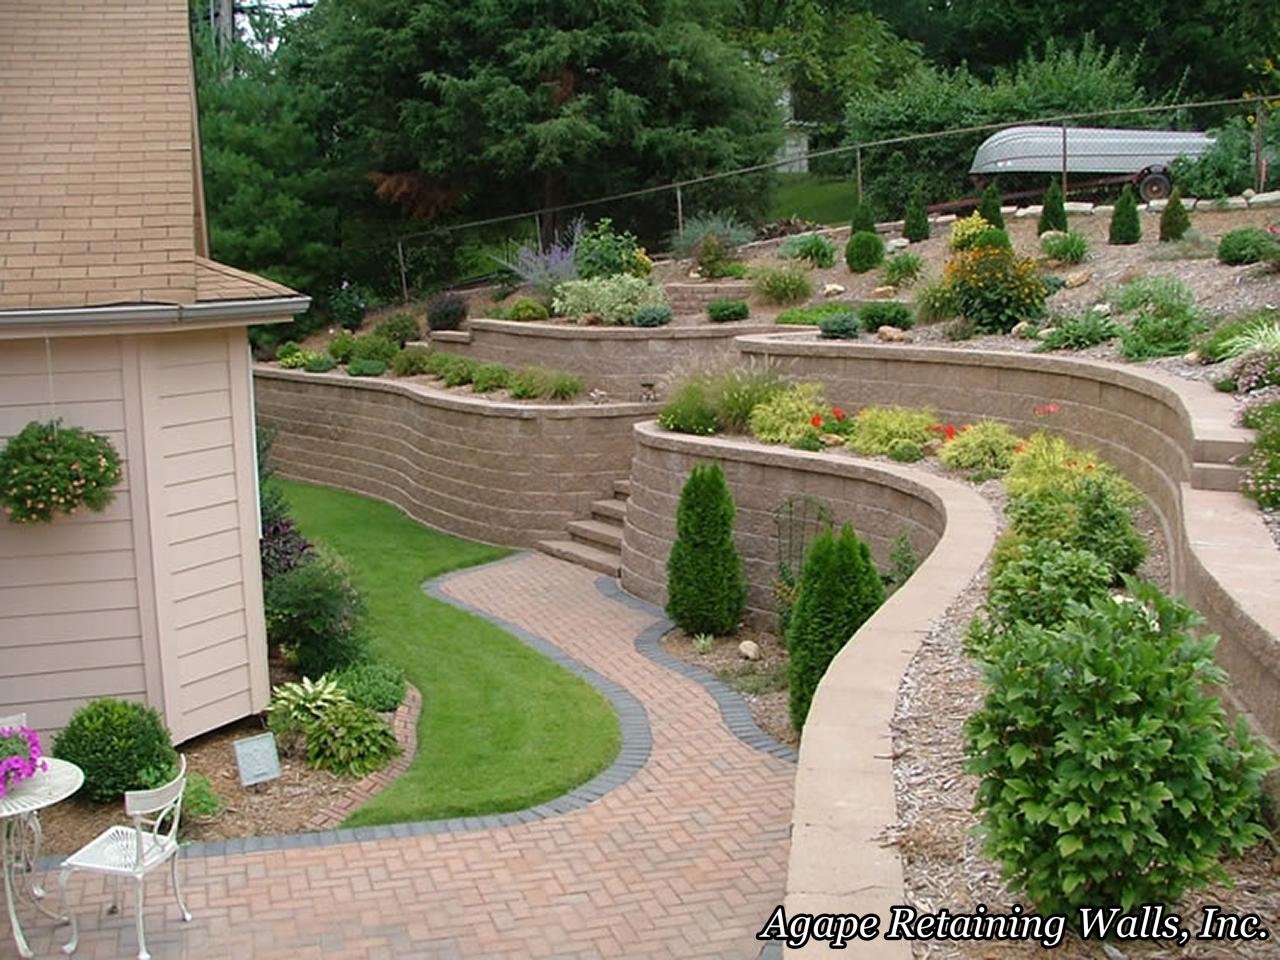 agape retaining walls, inc terrace photo album 2 - Retaining Wall Patio Design